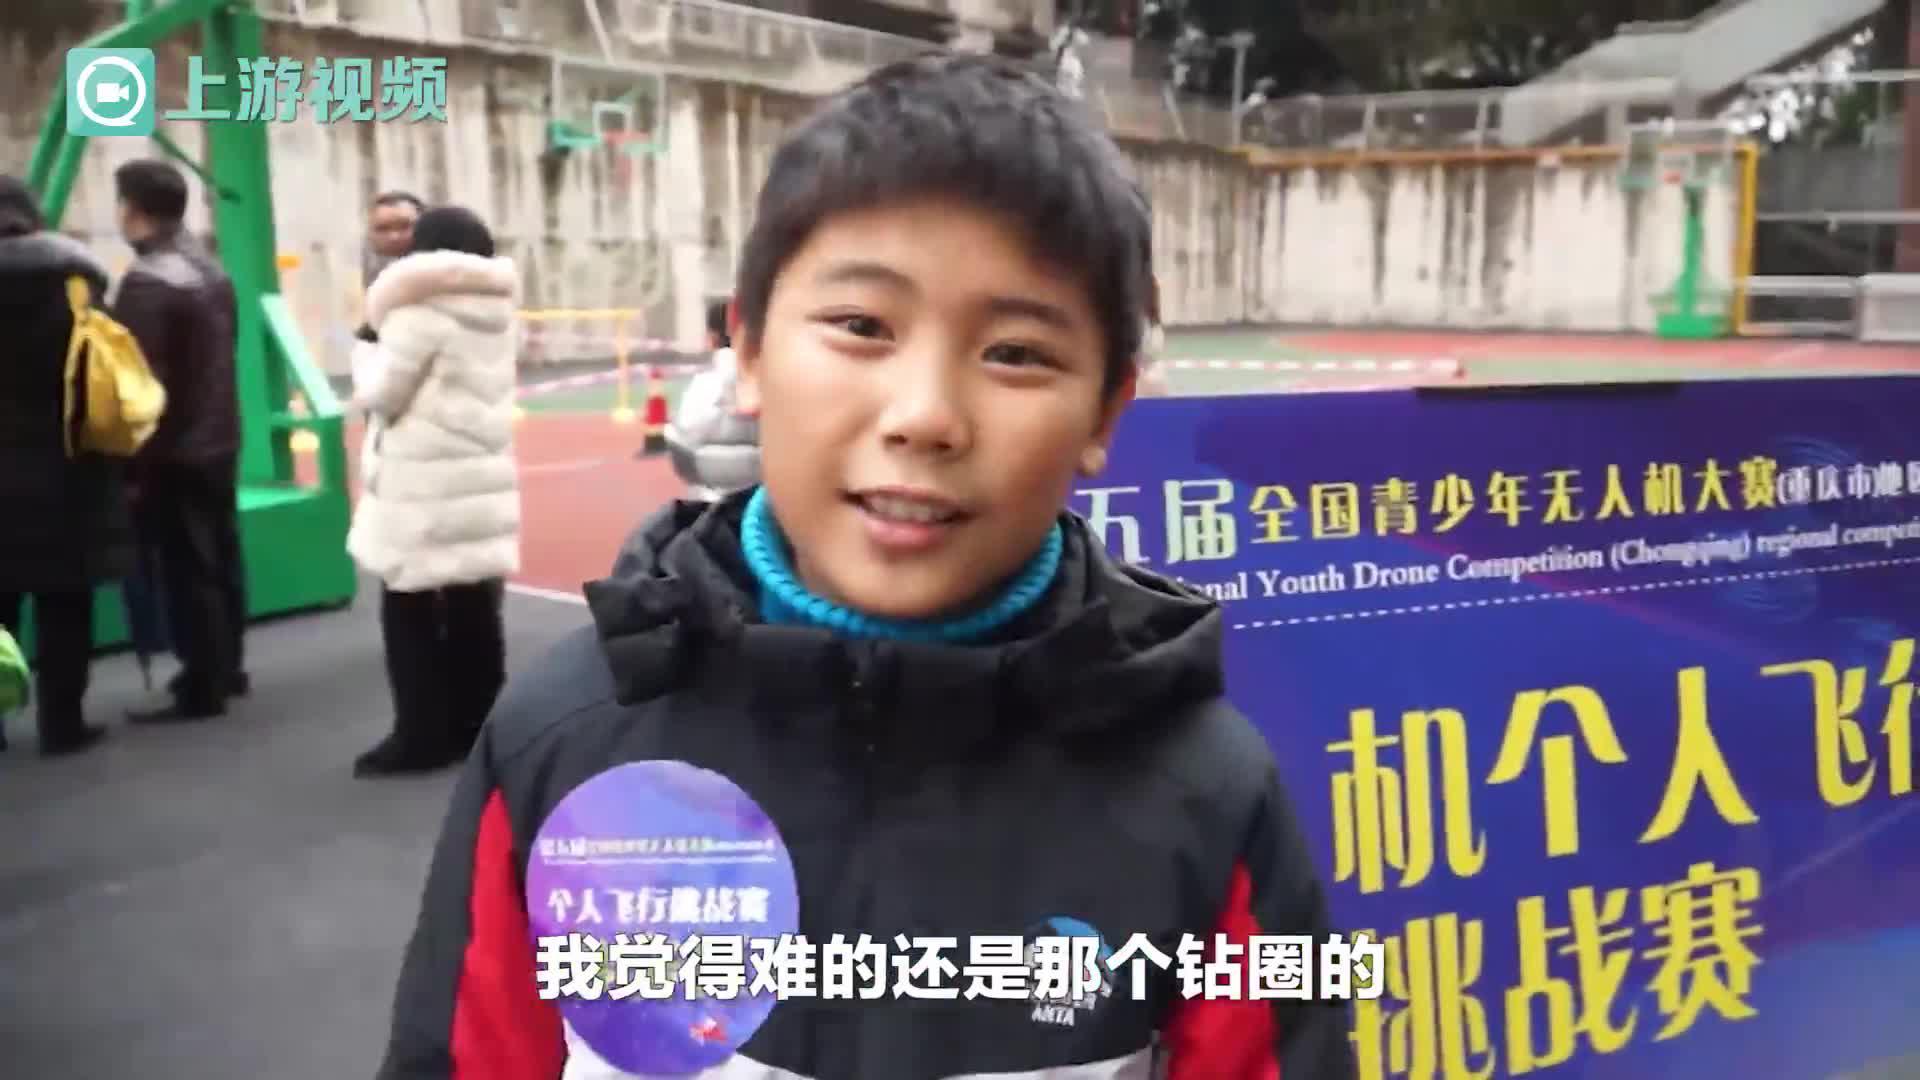 112名小飞手云集航天学院一展无人机飞控技艺 全国青少年无人机大赛(重庆市)地区赛今开赛